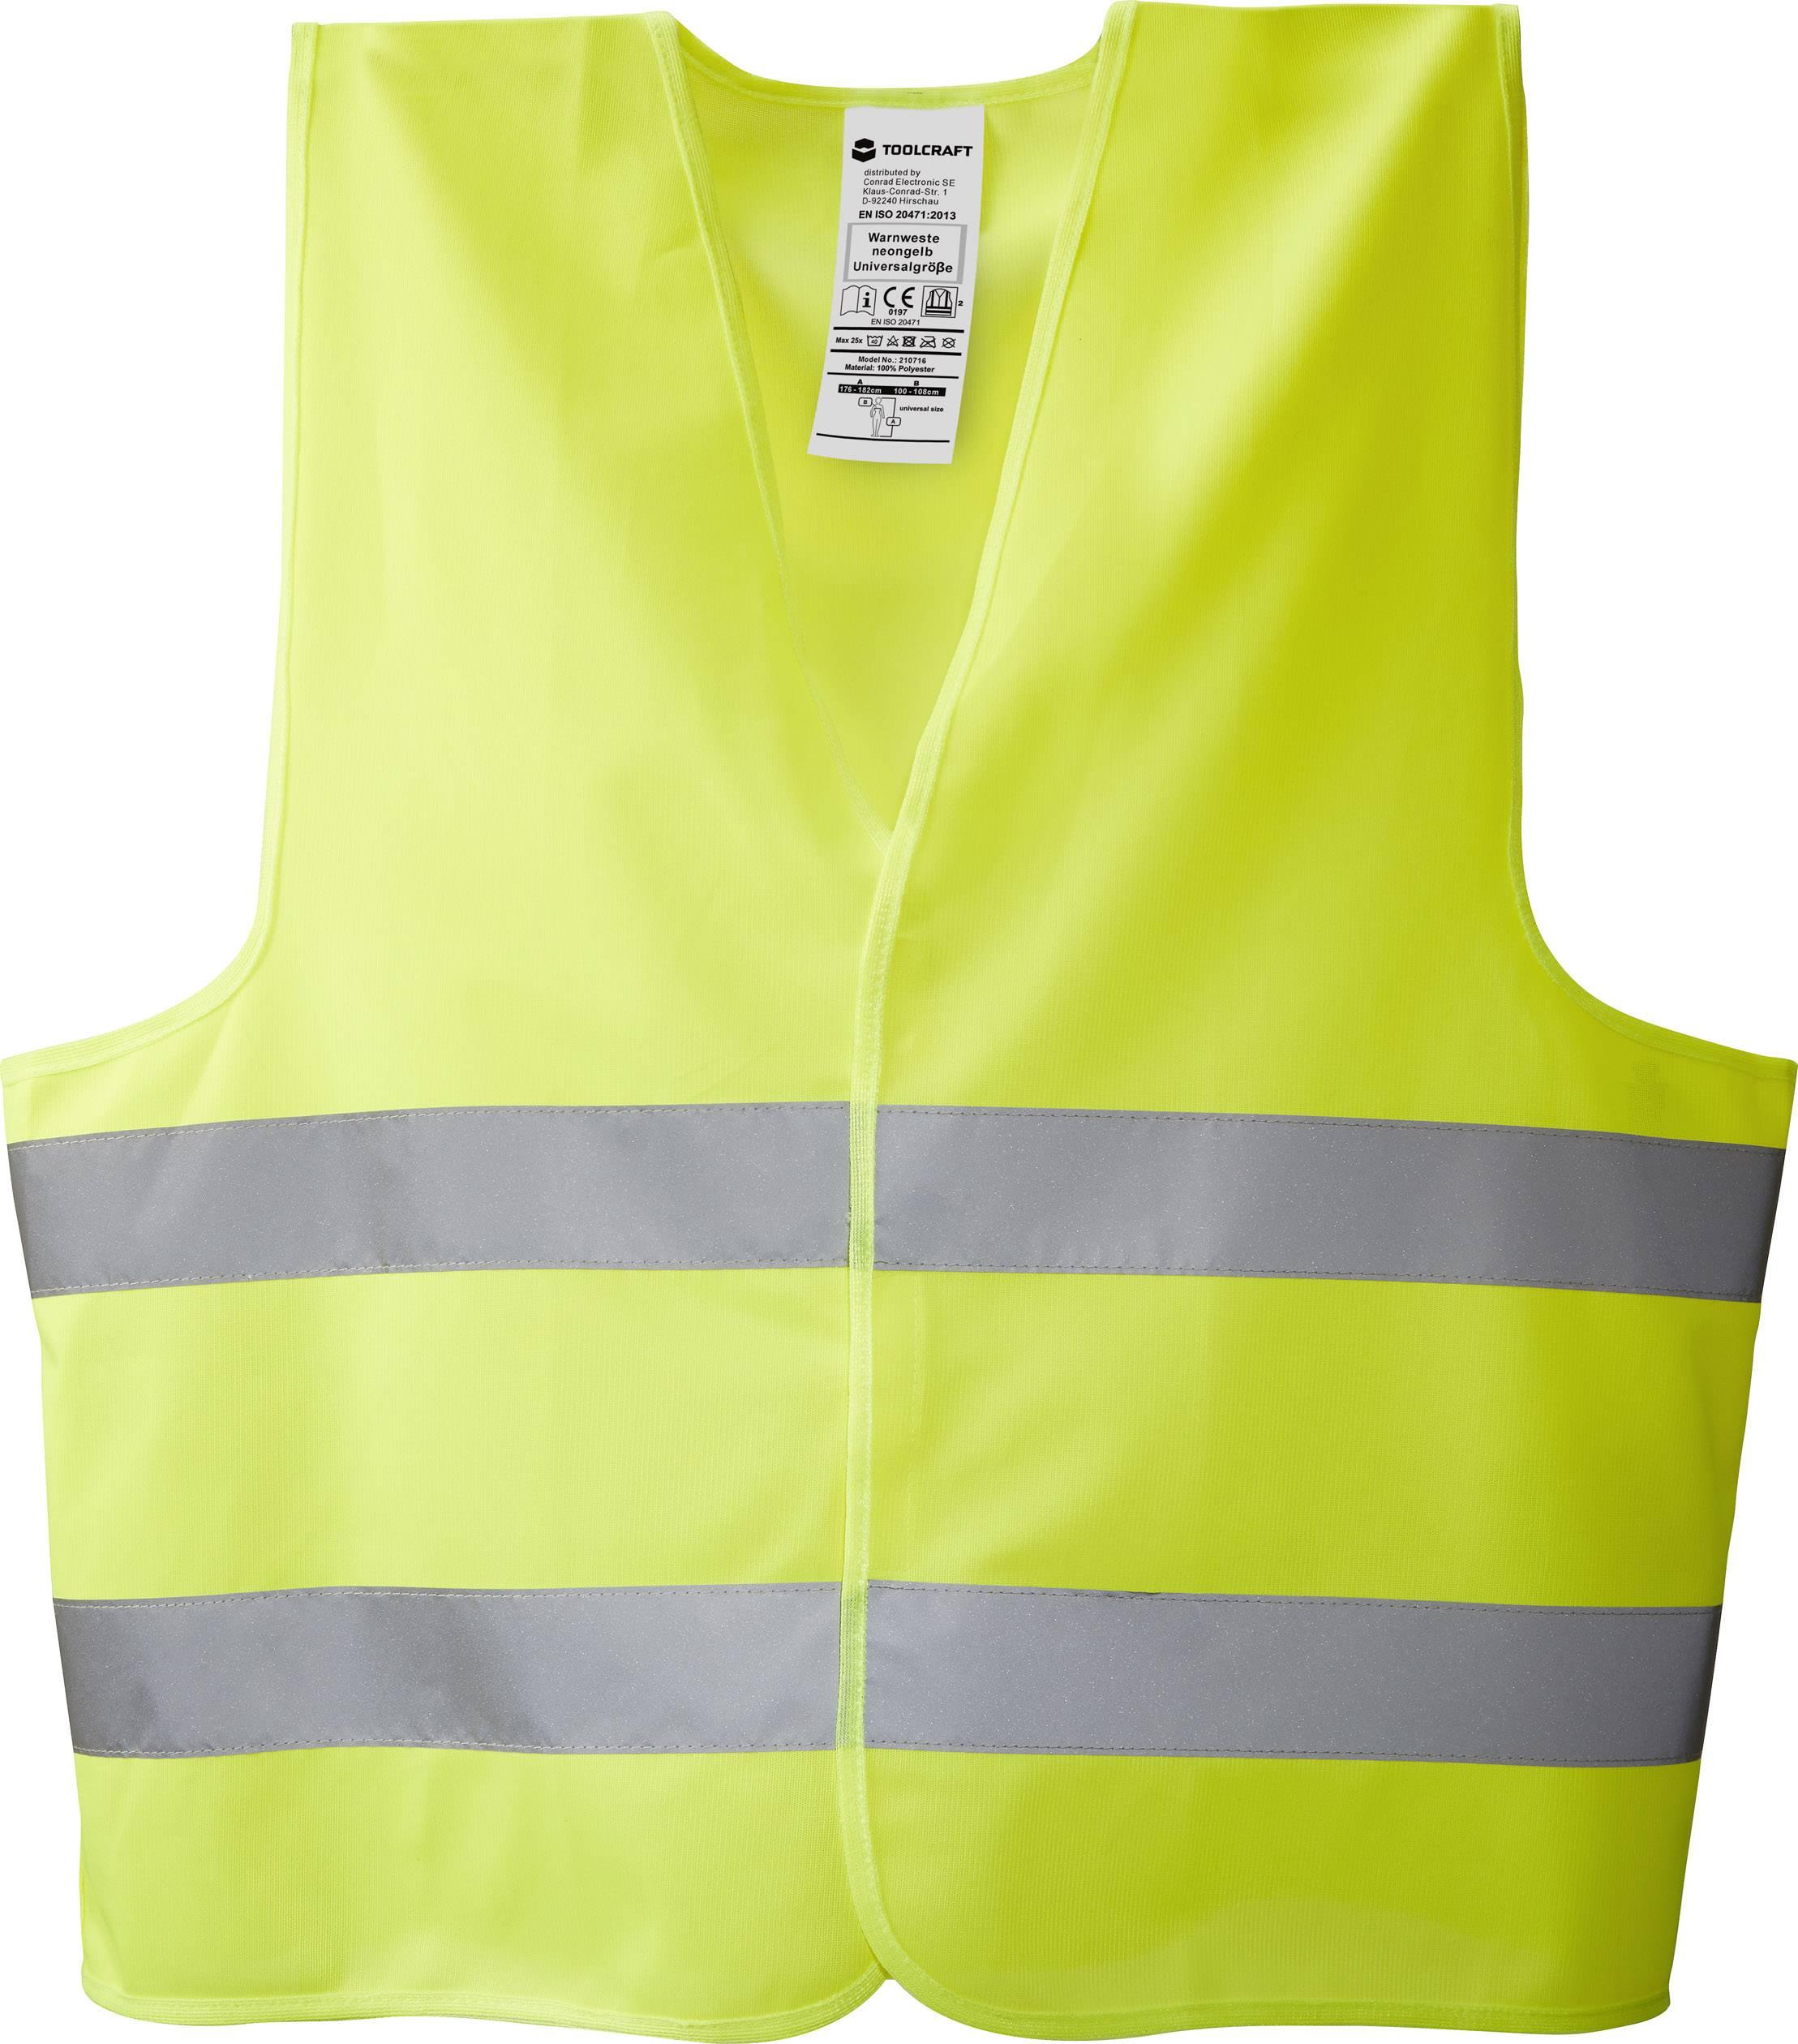 TOOLCRAFT TO-5150547 Výstražná vesta - neonově žlutá, univerzální velikost, EN ISO 20471:2013 EN ISO 20471:2013